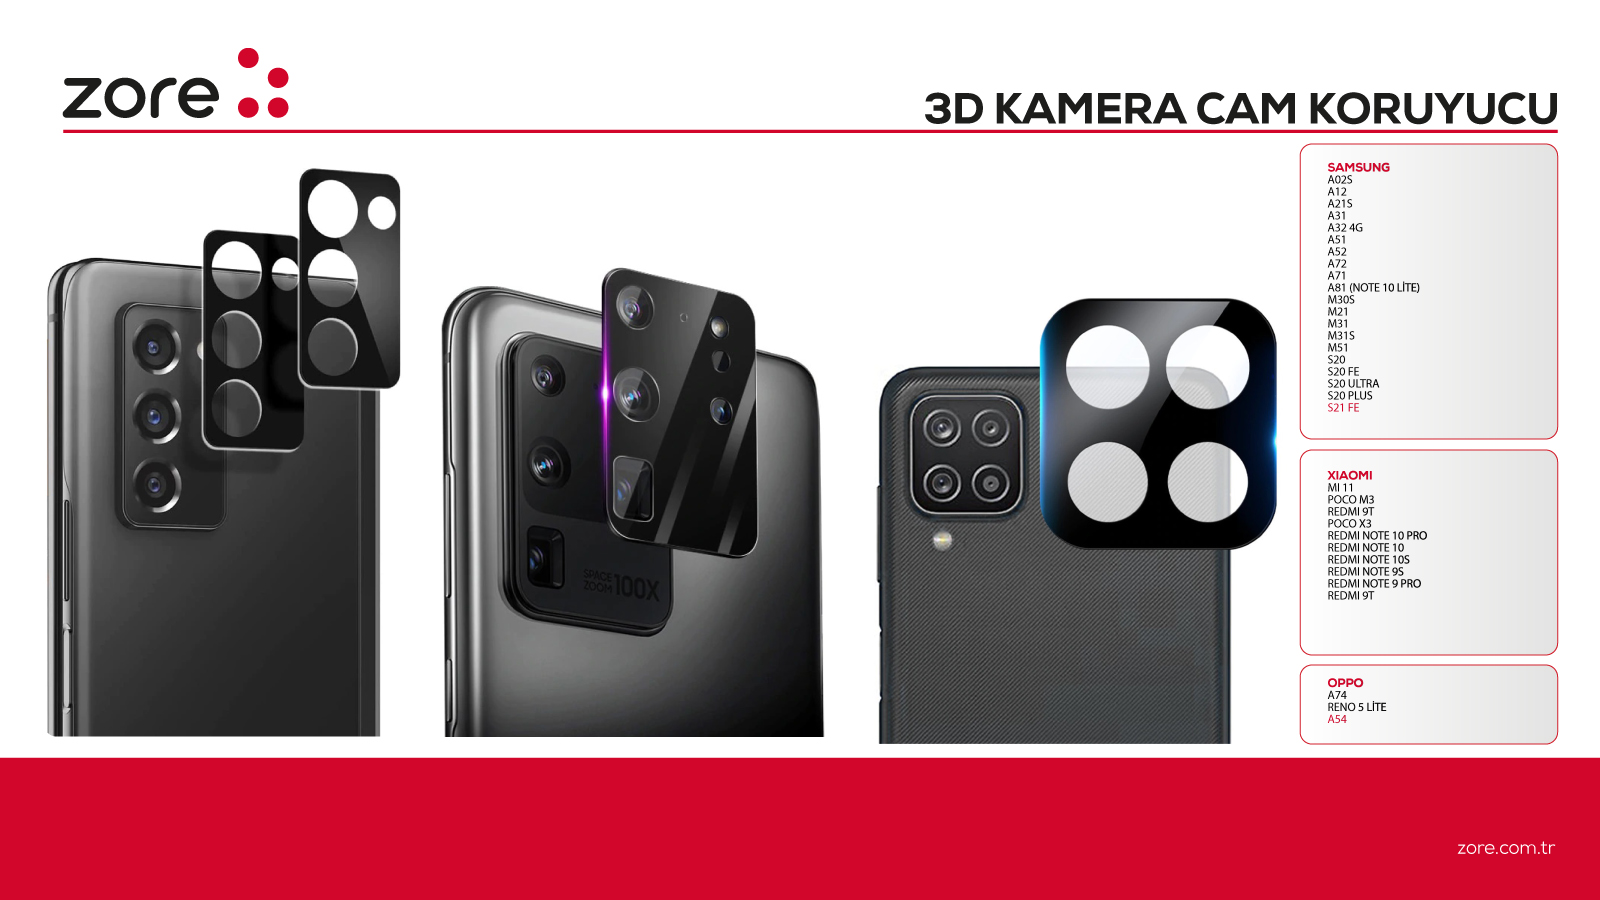 3d Kamera Cam Koruyucu.jpg (415 KB)